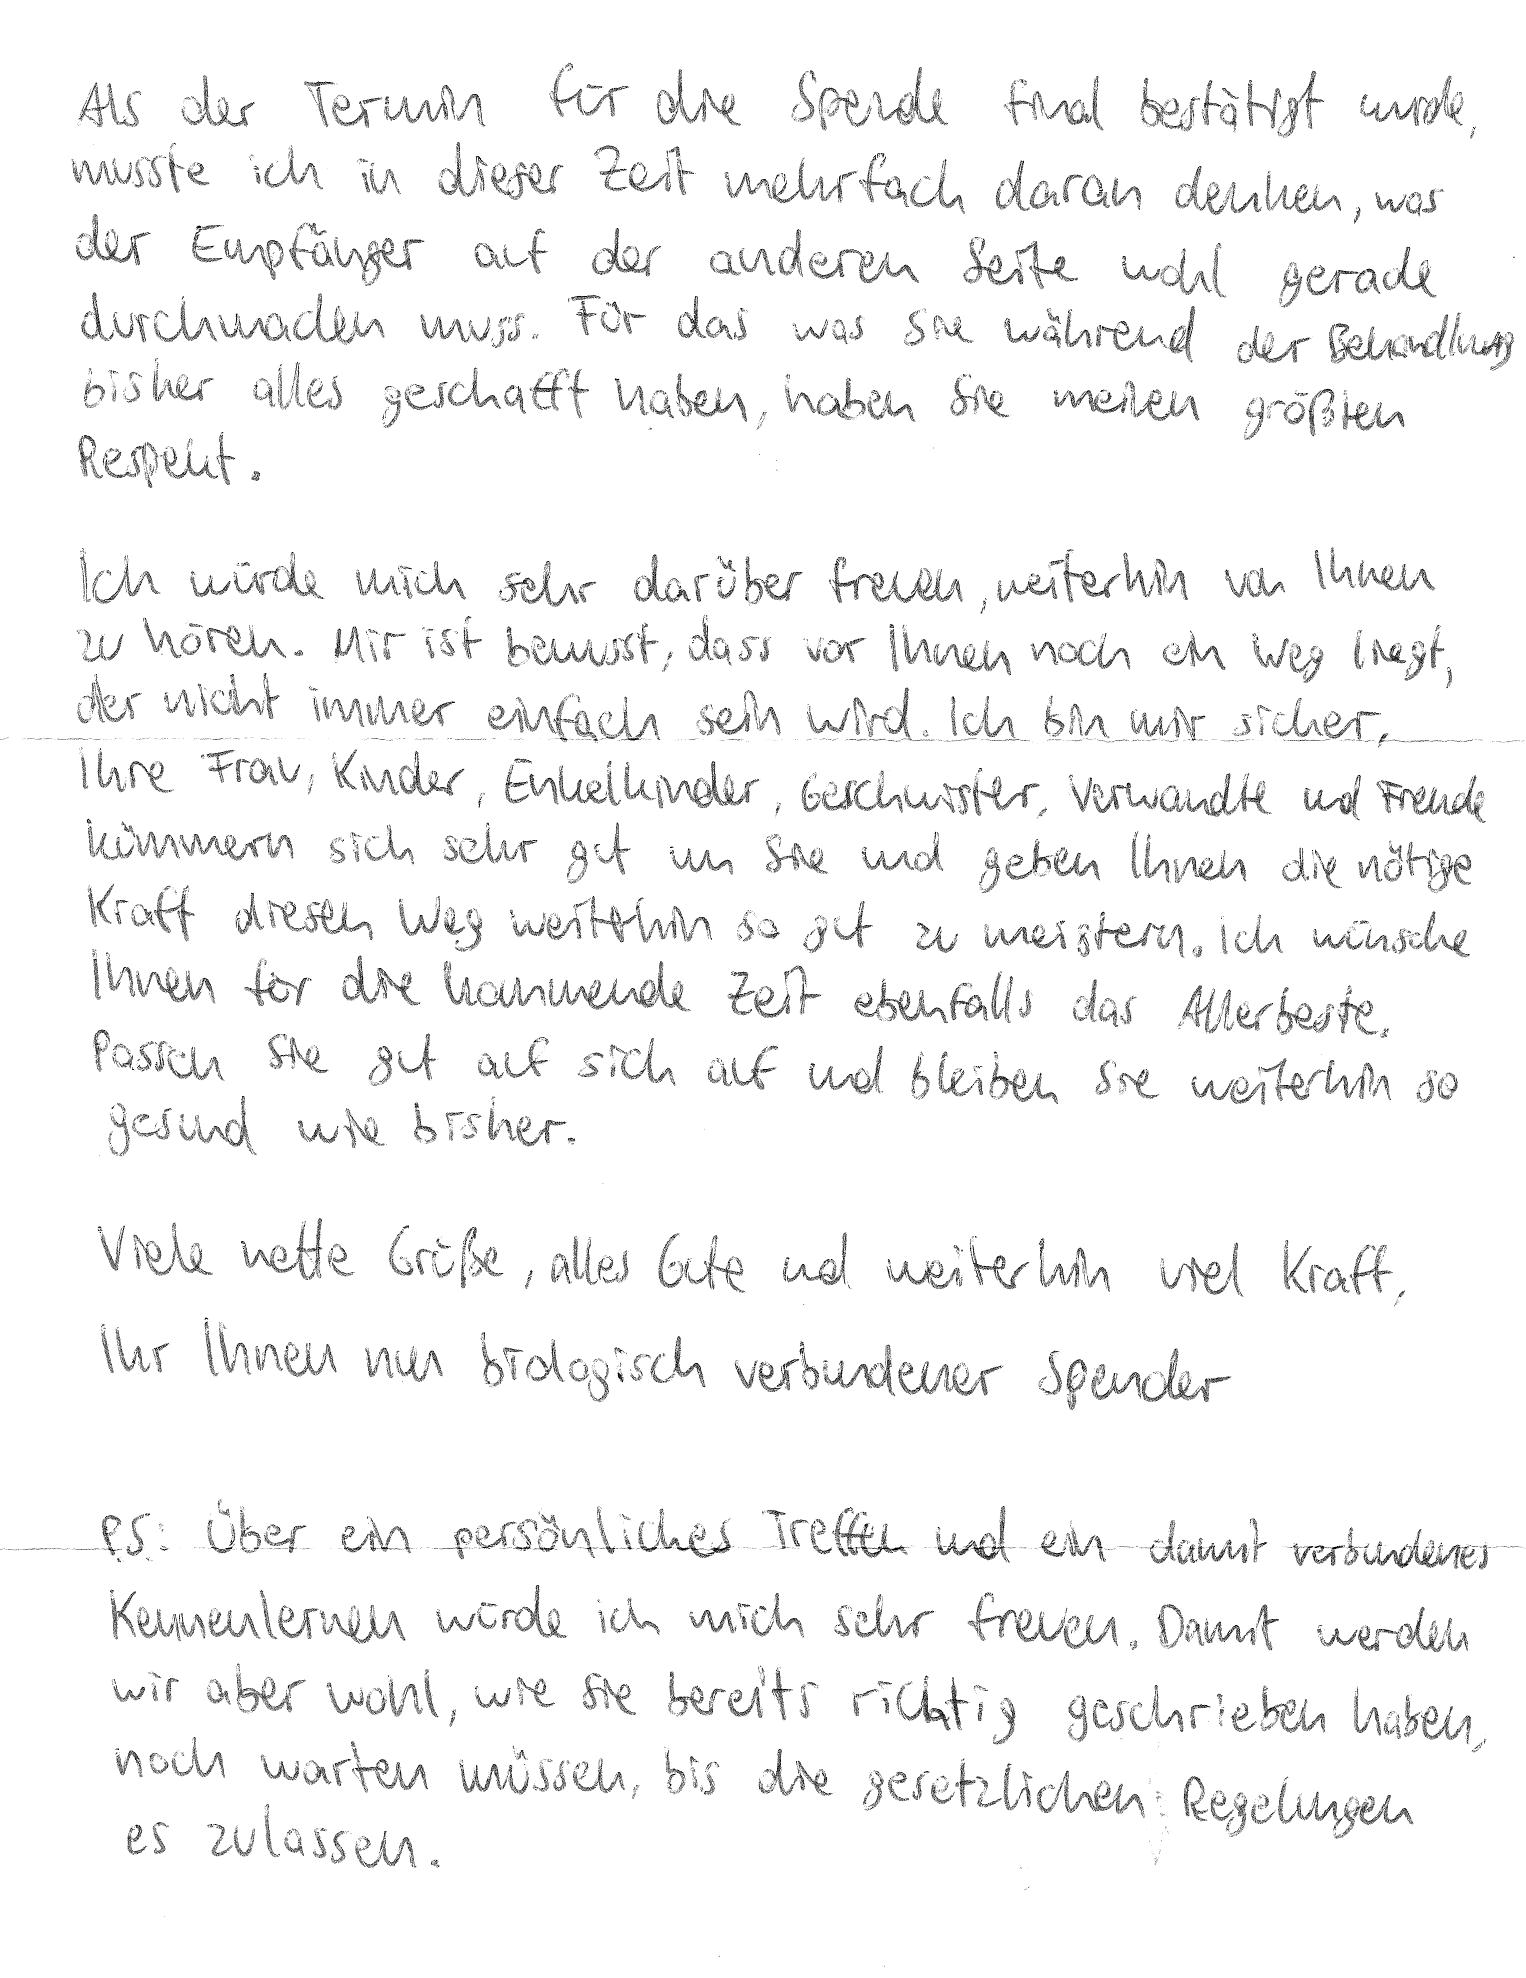 Schreiben brief an muster freund einen Einfach mal